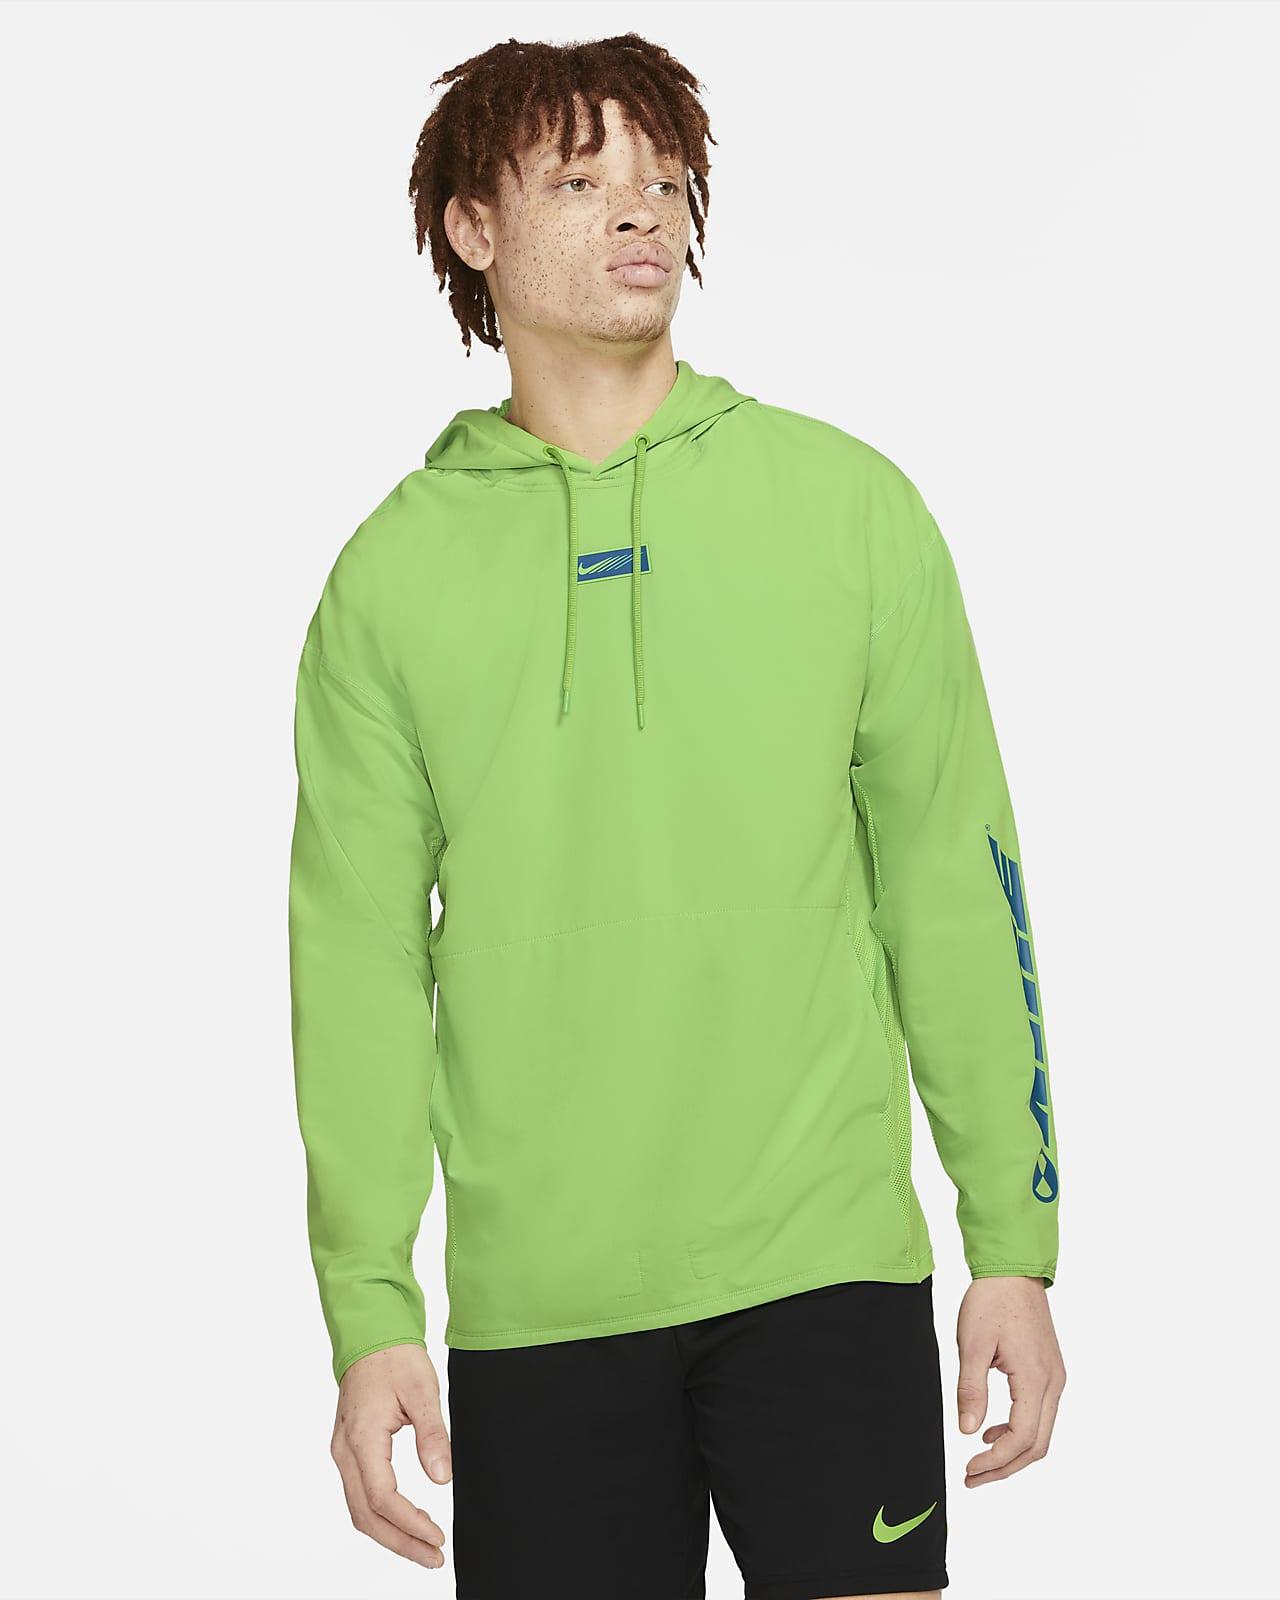 Ανδρική υφαντή μπλούζα προπόνησης με κουκούλα Nike Sport Clash